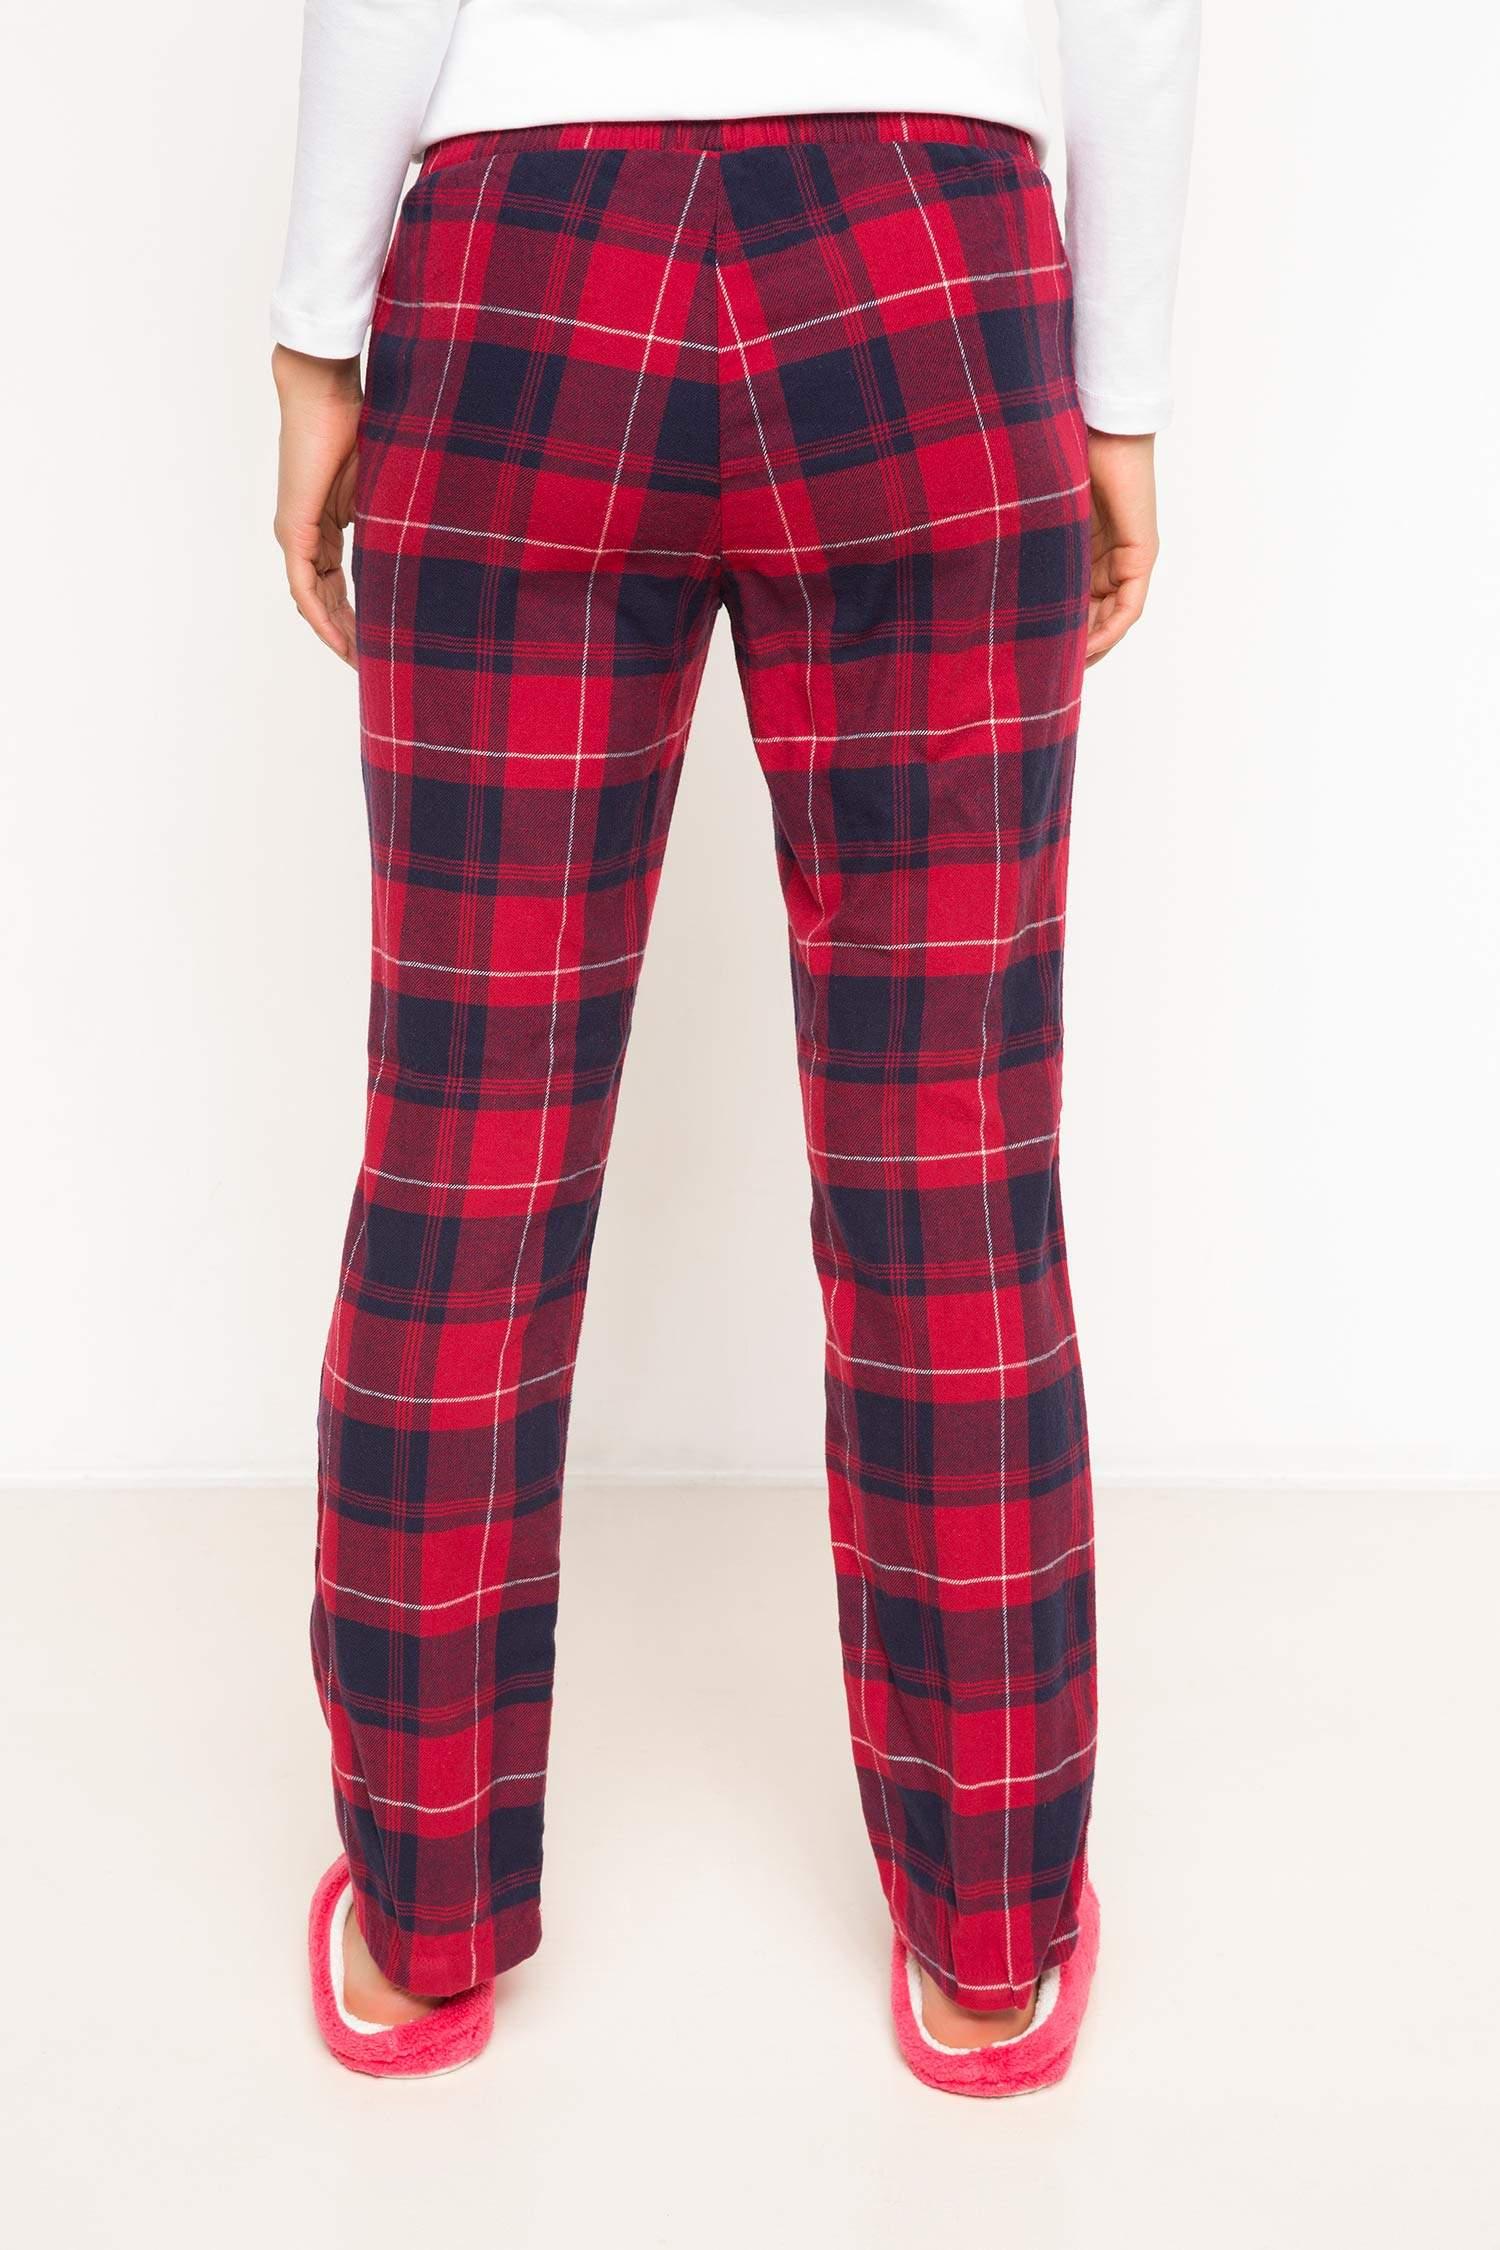 bacbb647cc700 Kırmızı Kadın Kareli Pijama Altı 785865   DeFacto